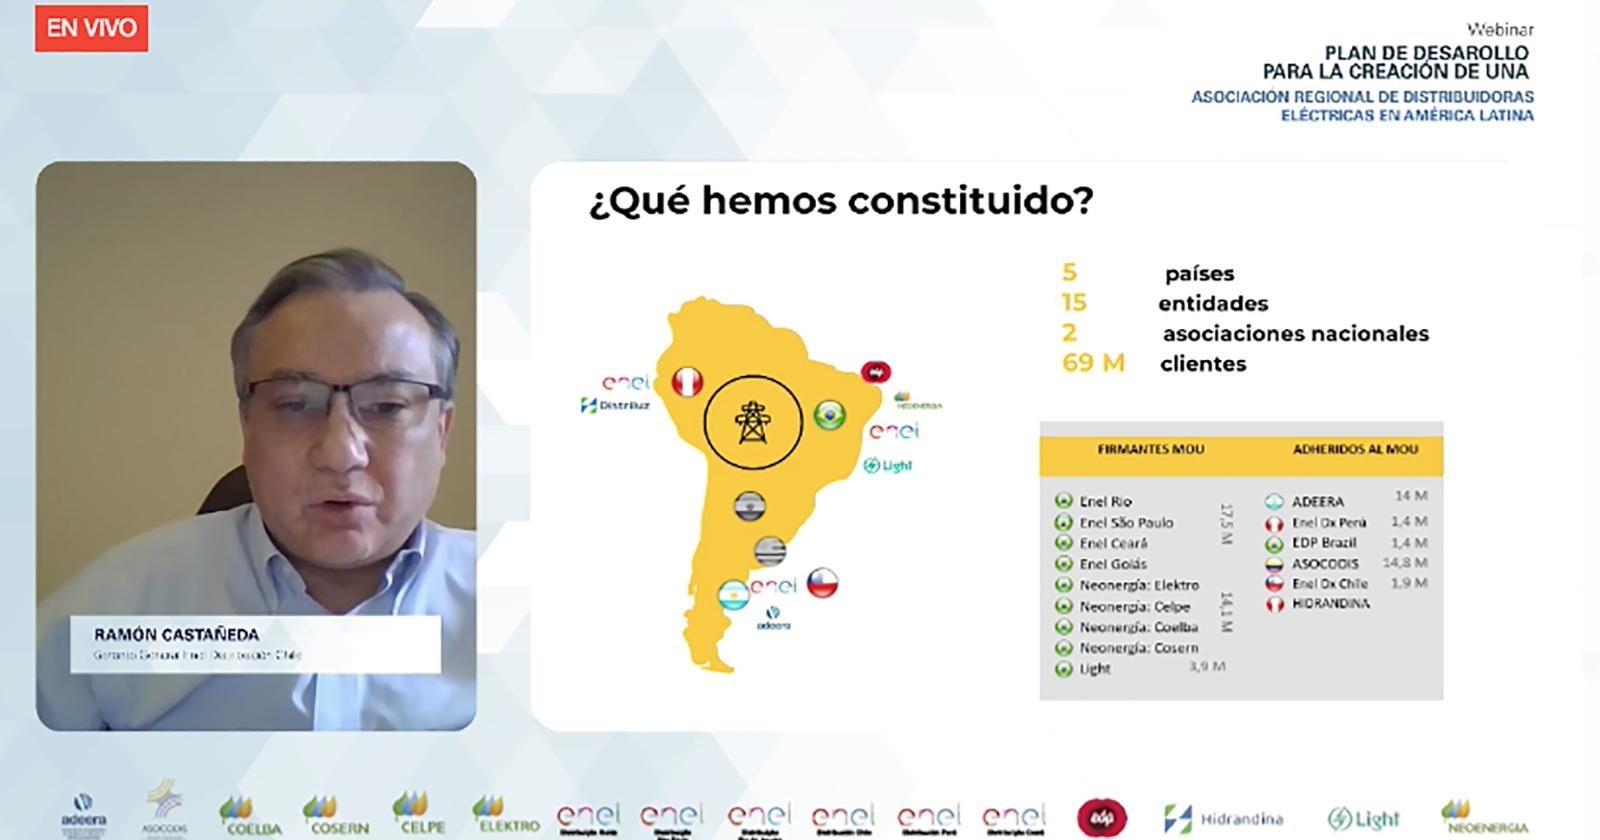 Energía: Distribuidoras en América Latina se unen en asociación y organizan su primer seminario web interno